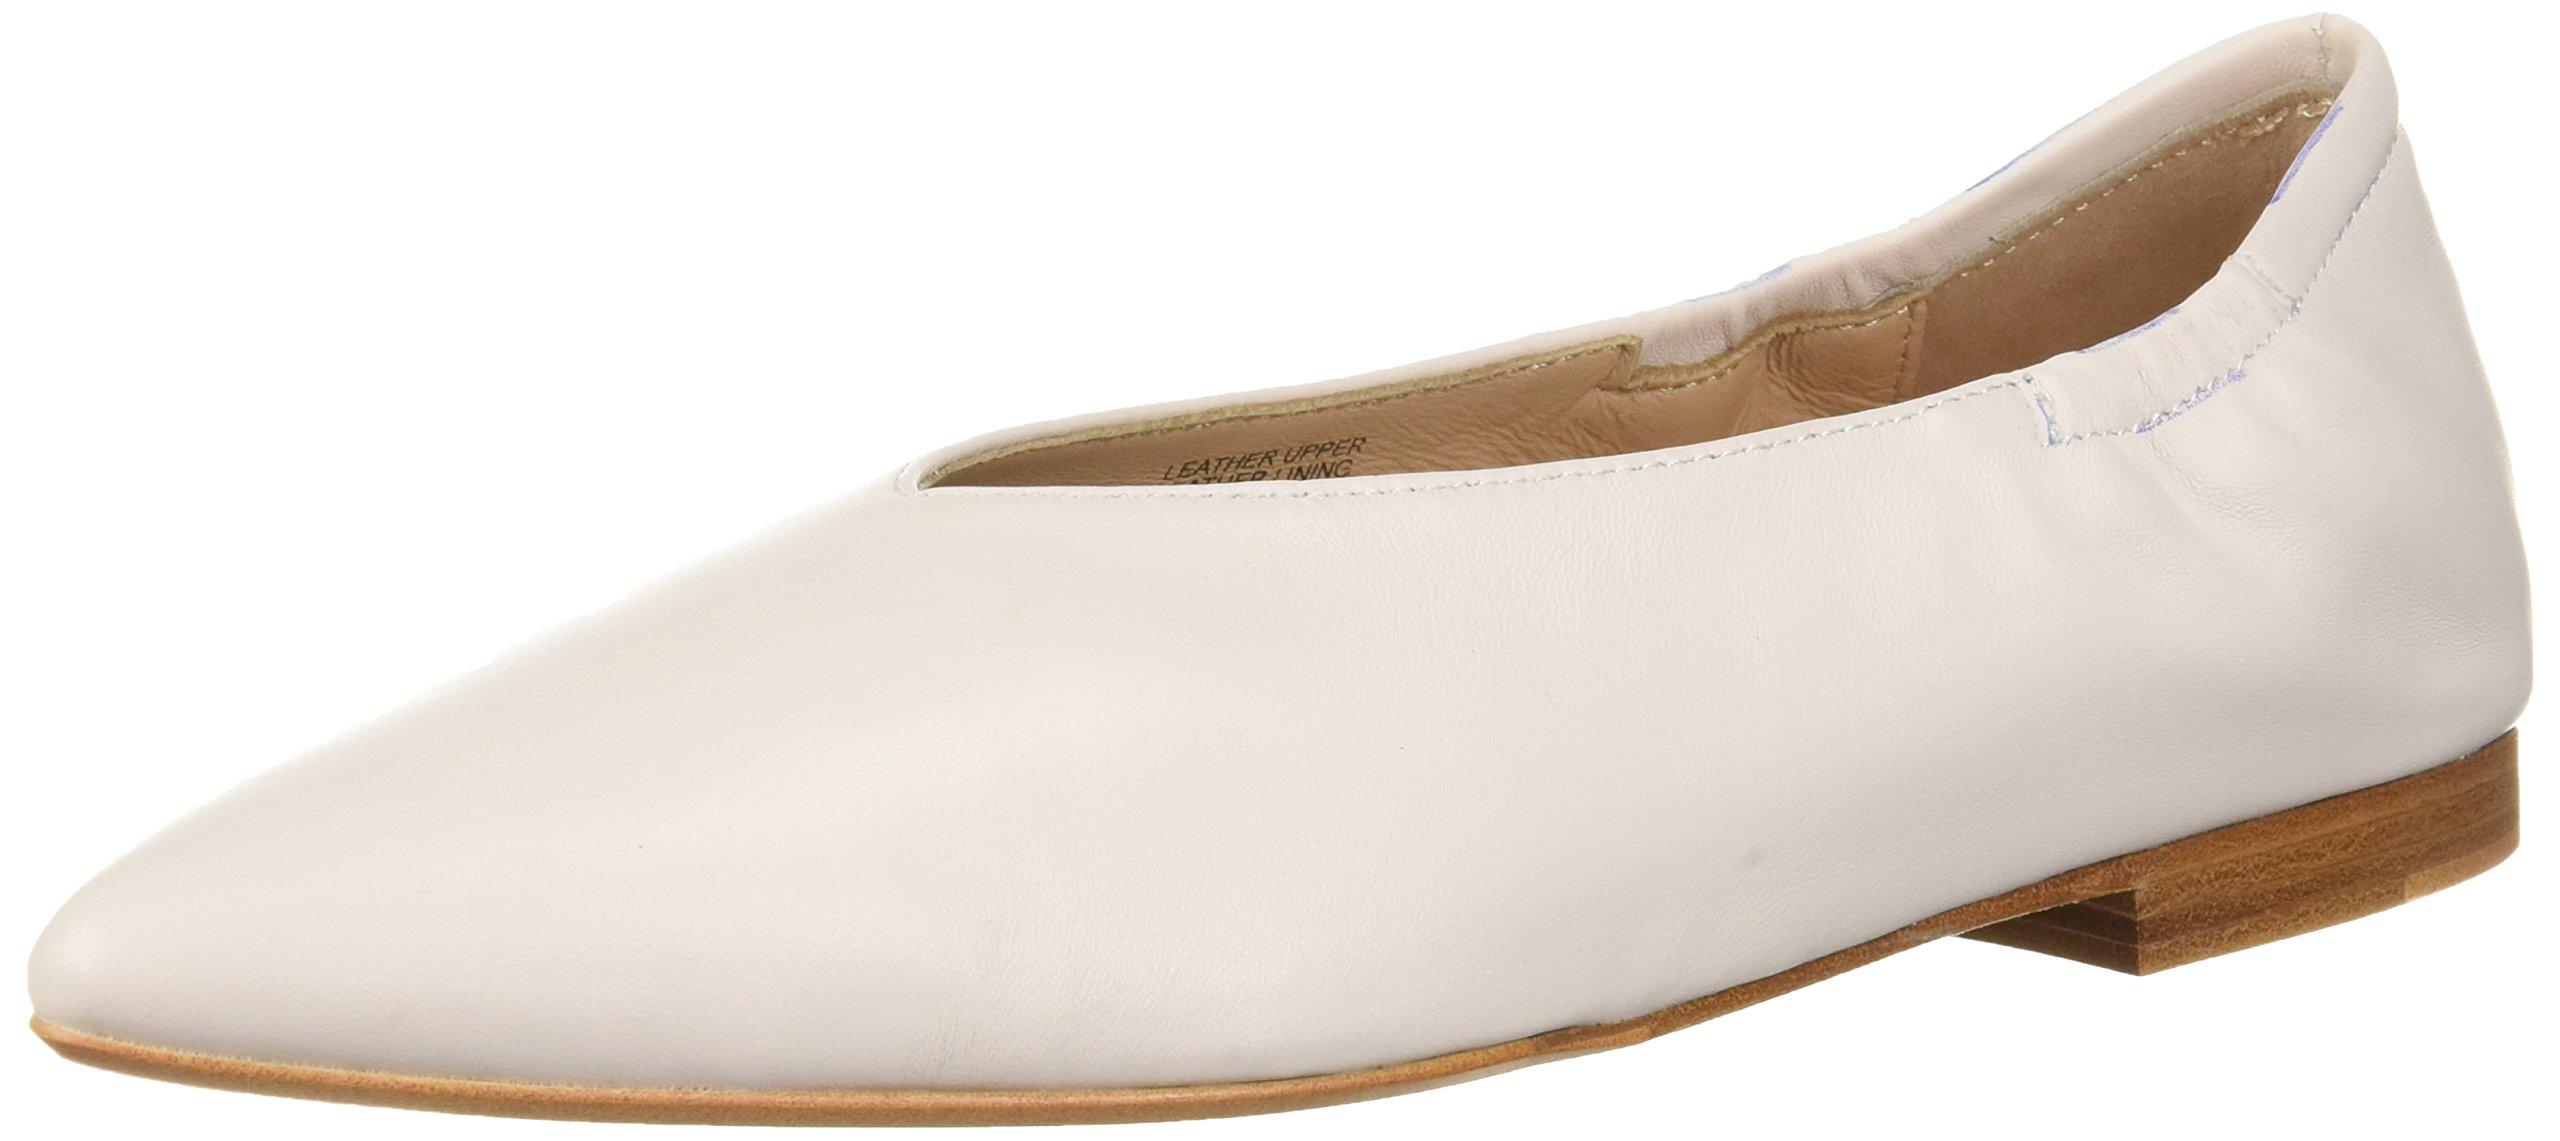 Pour La Victoire Women's Colt Ballet Flat, Ivory, 9 M US